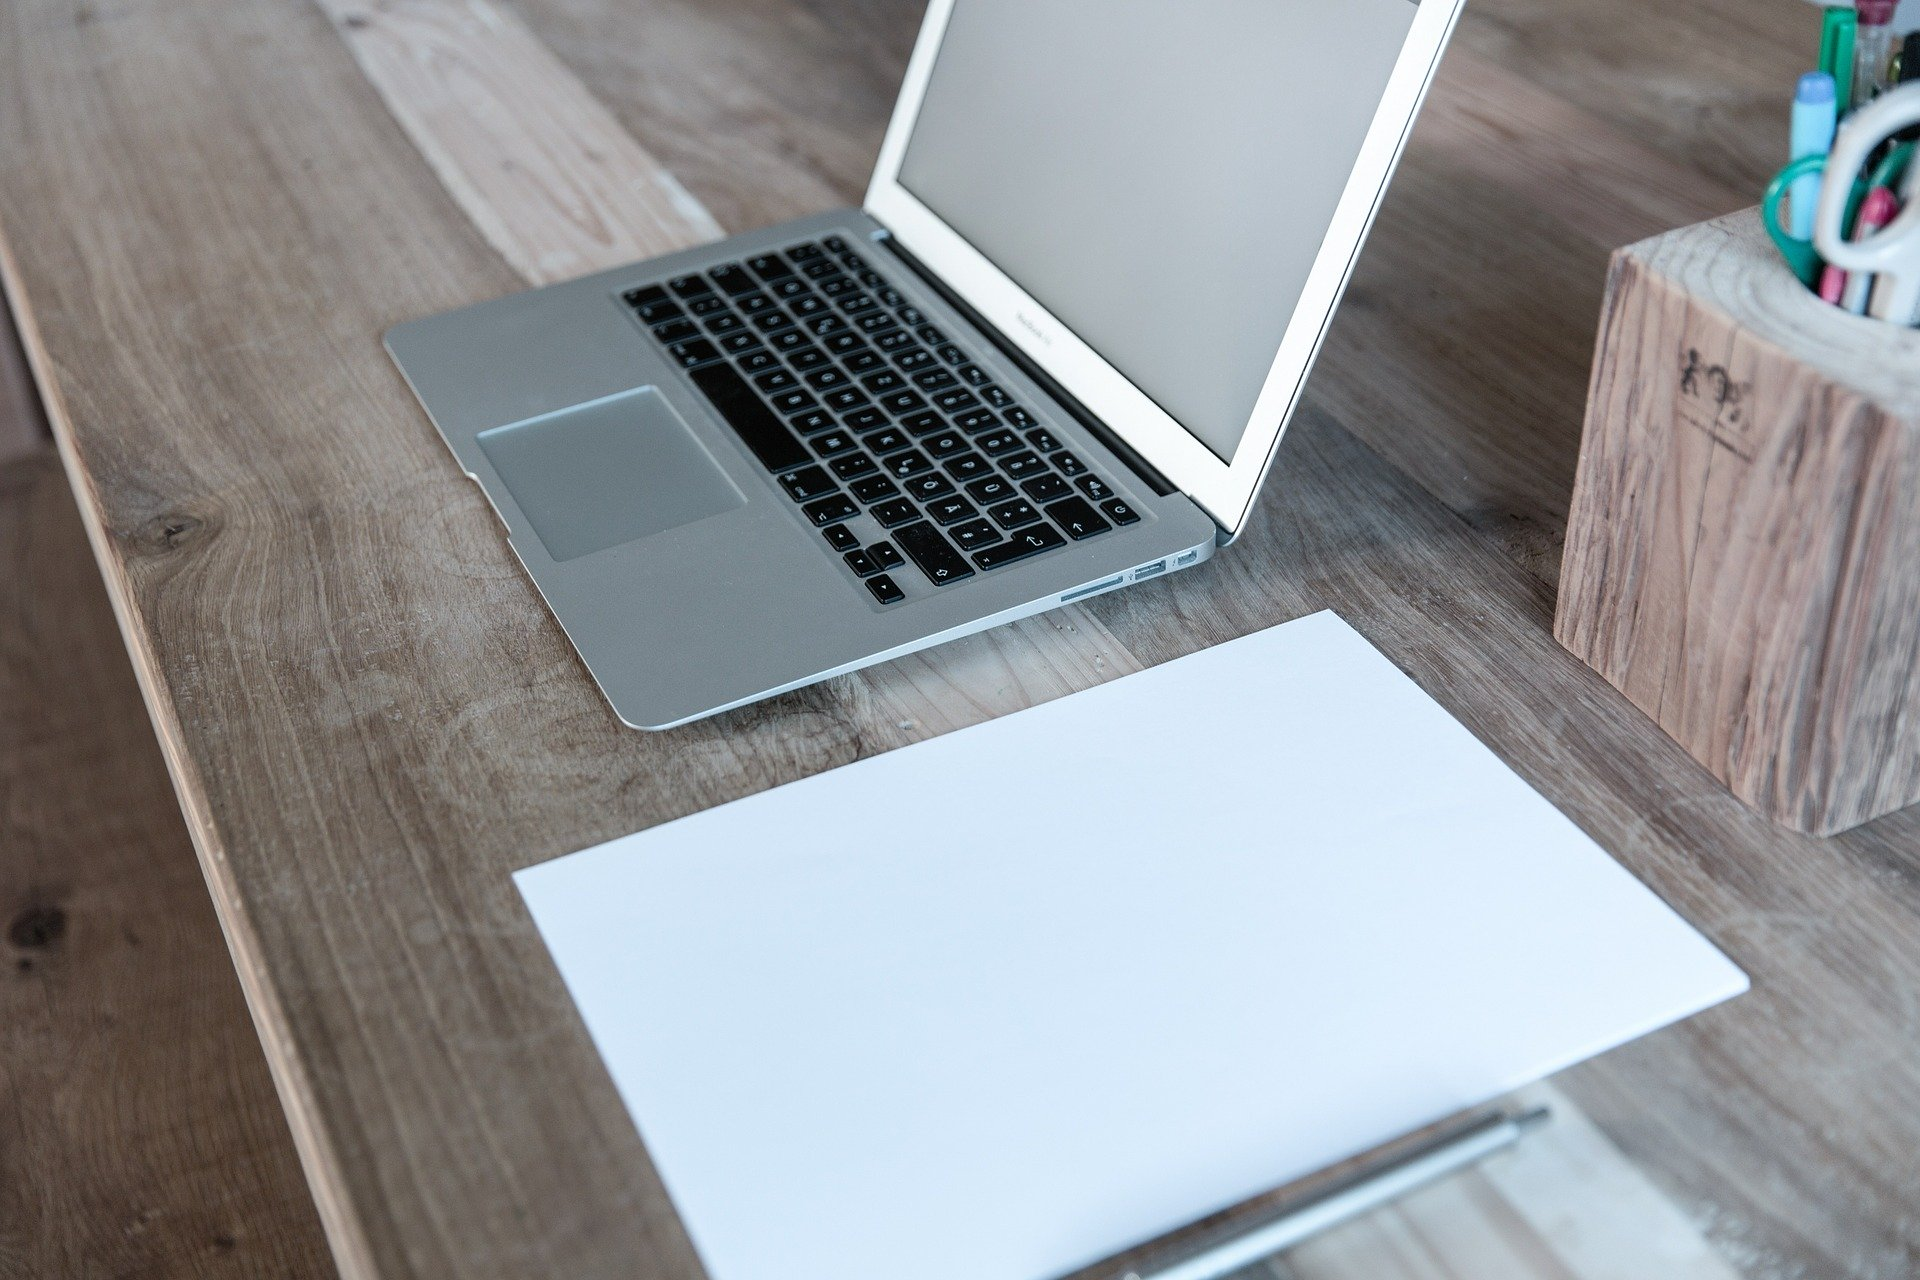 Tentamens en deadlines - Online een tentamen maken vanuit huis